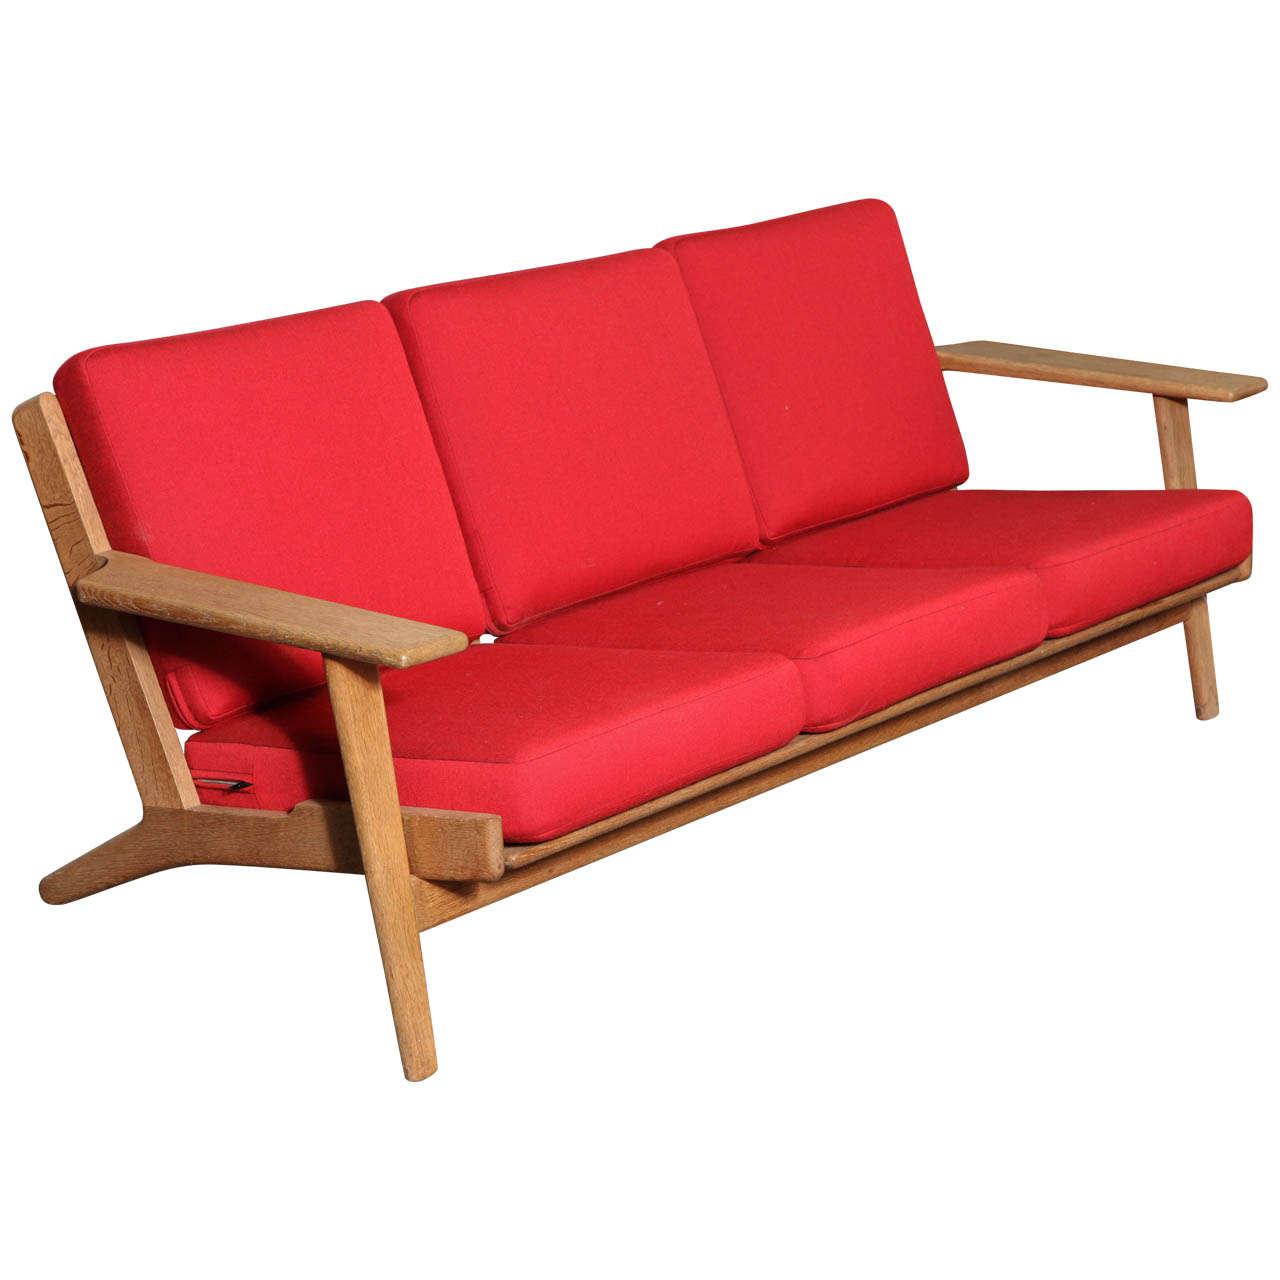 hans wegner ge 290 3 paddle arm sofa for sale at 1stdibs. Black Bedroom Furniture Sets. Home Design Ideas